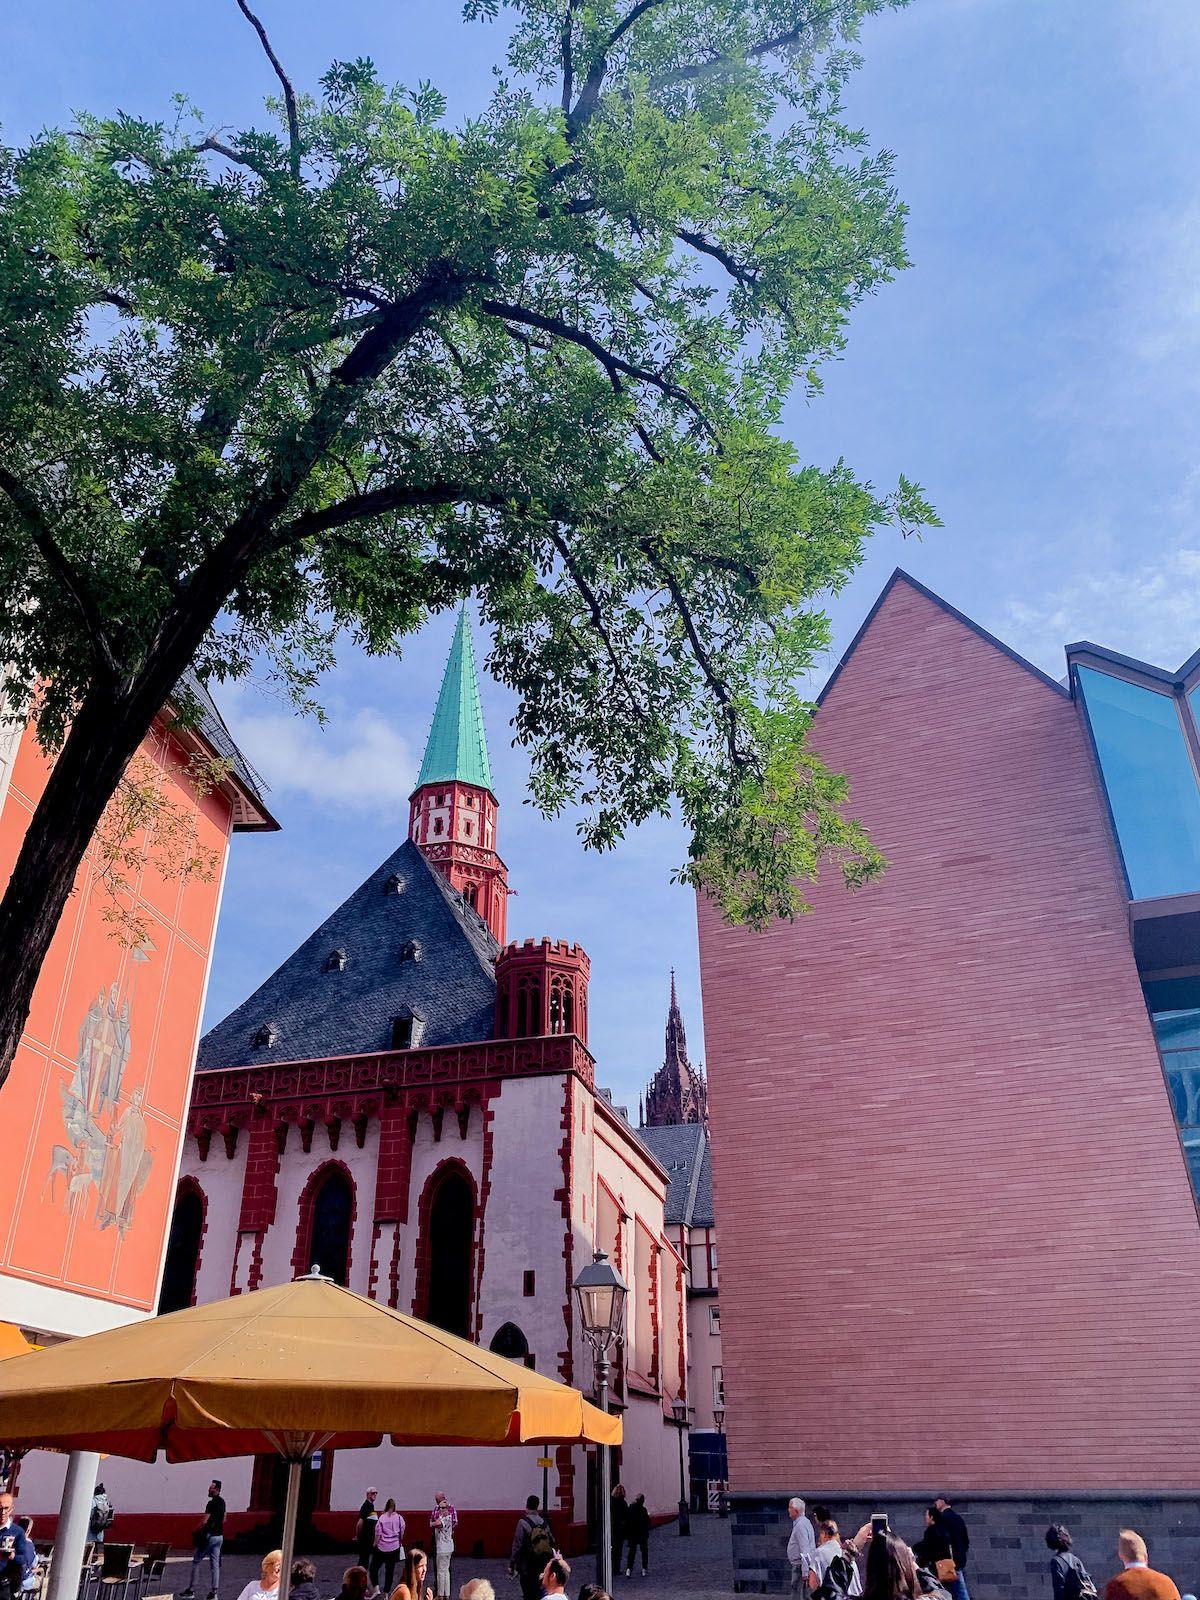 Foodblog, About Fuel, Leckerbissen, Scandic Hotel Frankfurt, Wolkenkratzer, Kirche